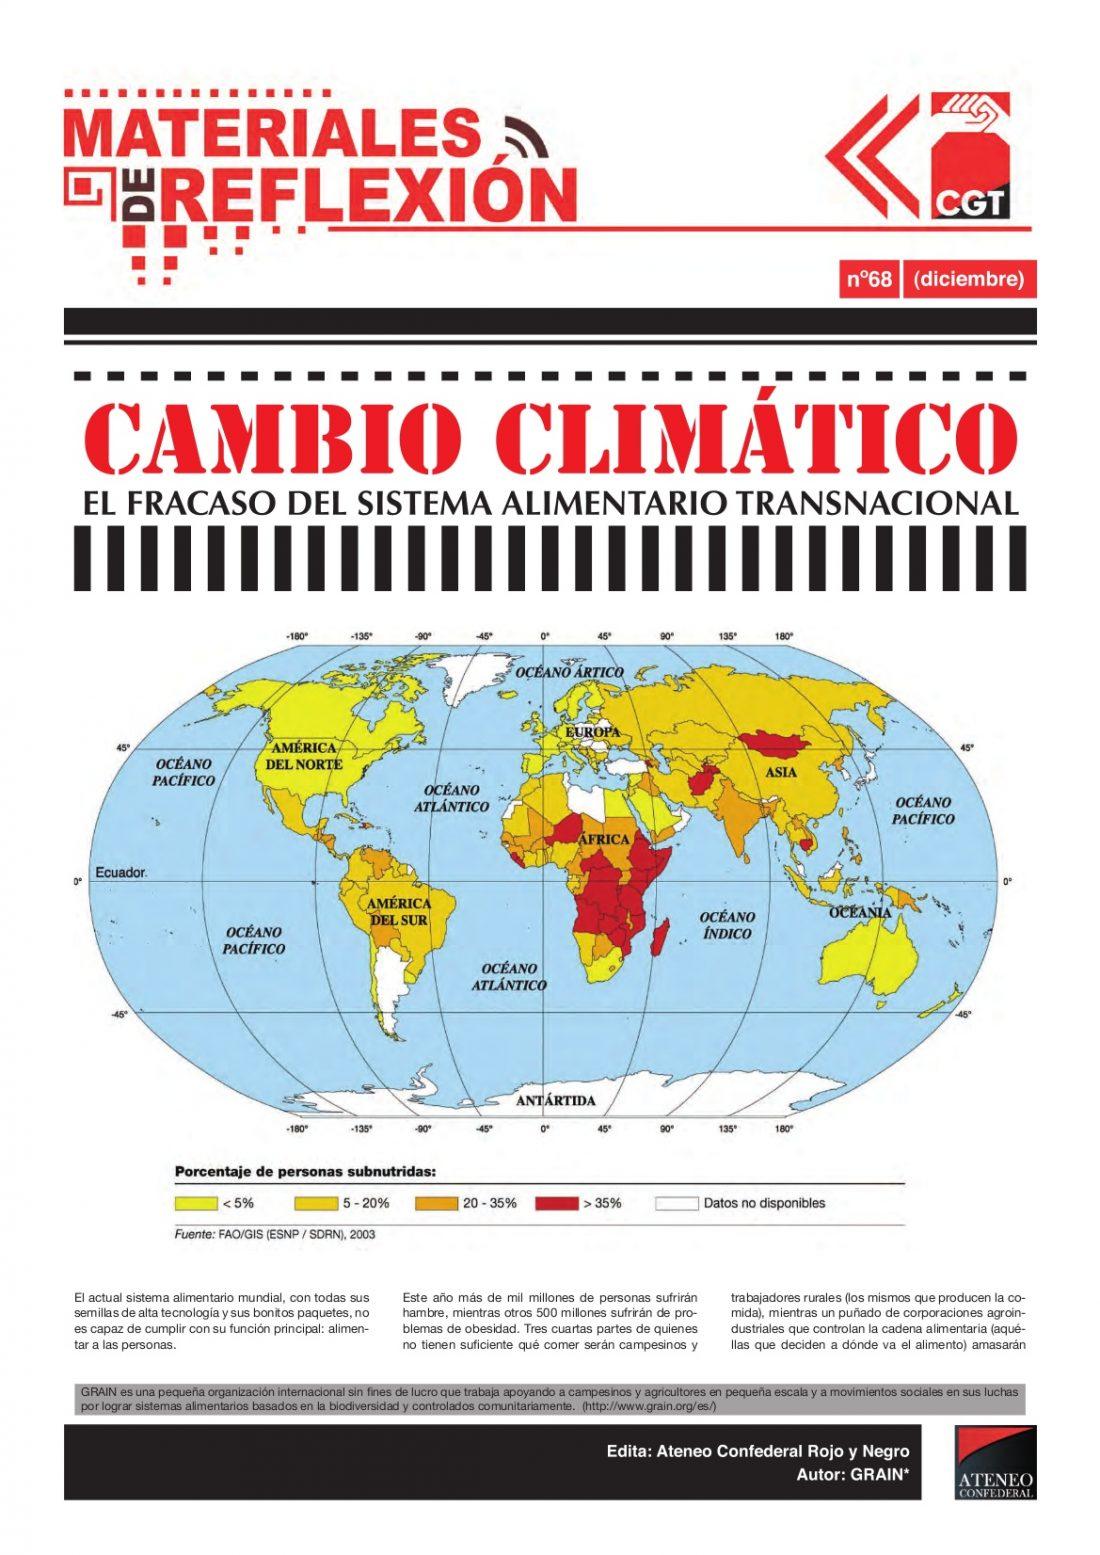 MR nº 68. Diciembre 2009. «Cambio climático: el fracaso del sistema alimentario transnacional»